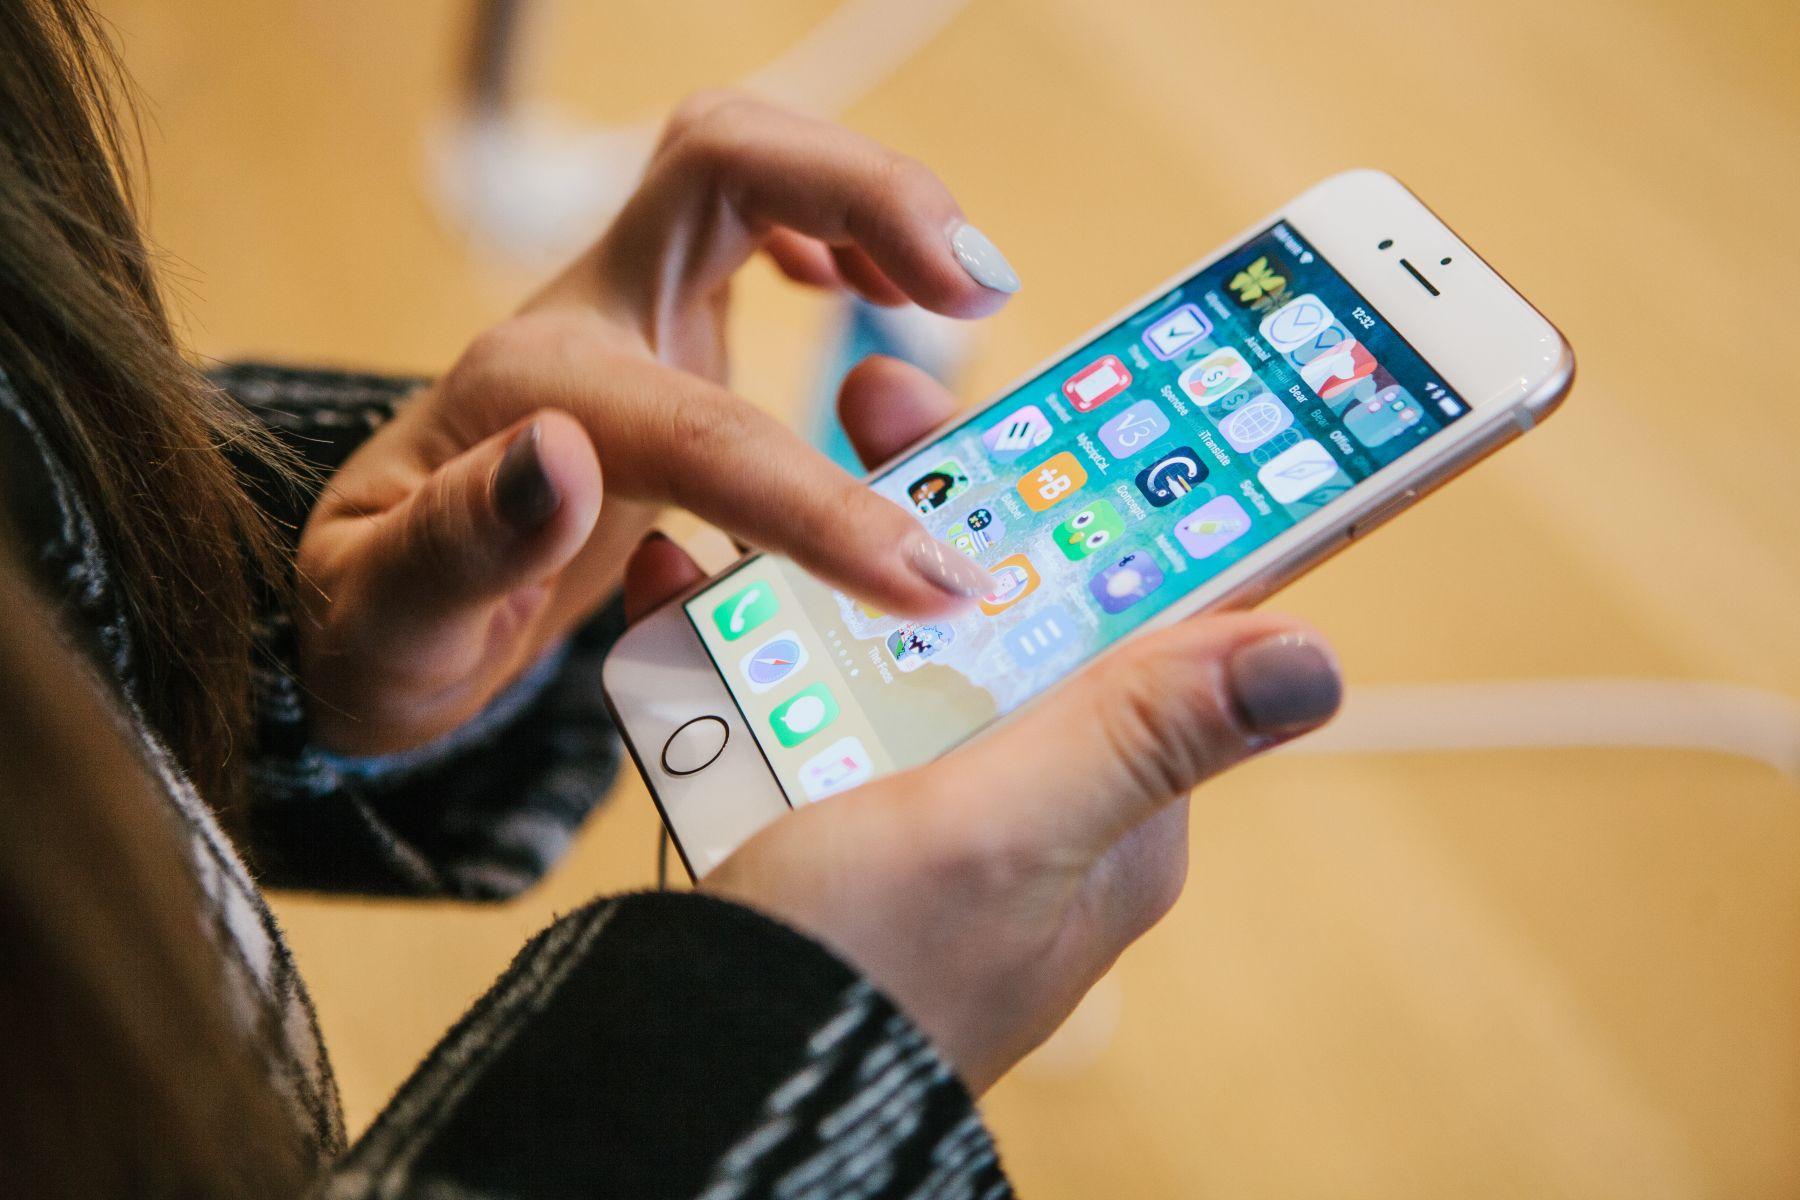 蘋果最看好6.5吋機?韓媒:面板訂單較其他2款多50-80%